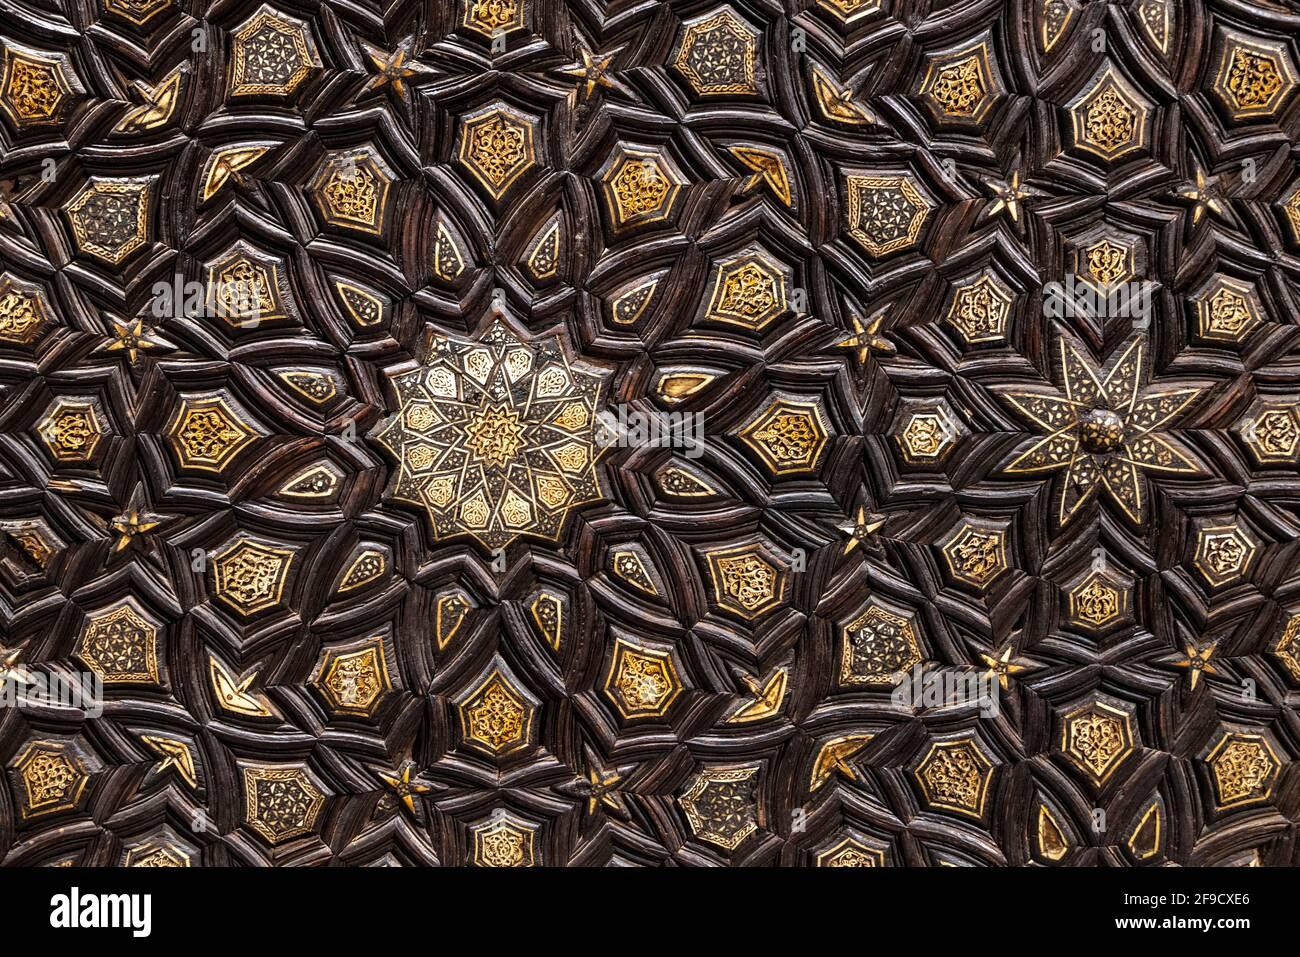 Detalle, minbar Mamluk del siglo 15th, complejo de Abu Bakr ibn Muzhir, El Cairo, Egipto, ahora en el Museo Nacional de la Civilización Egipcia, Fustat, El Cairo Foto de stock